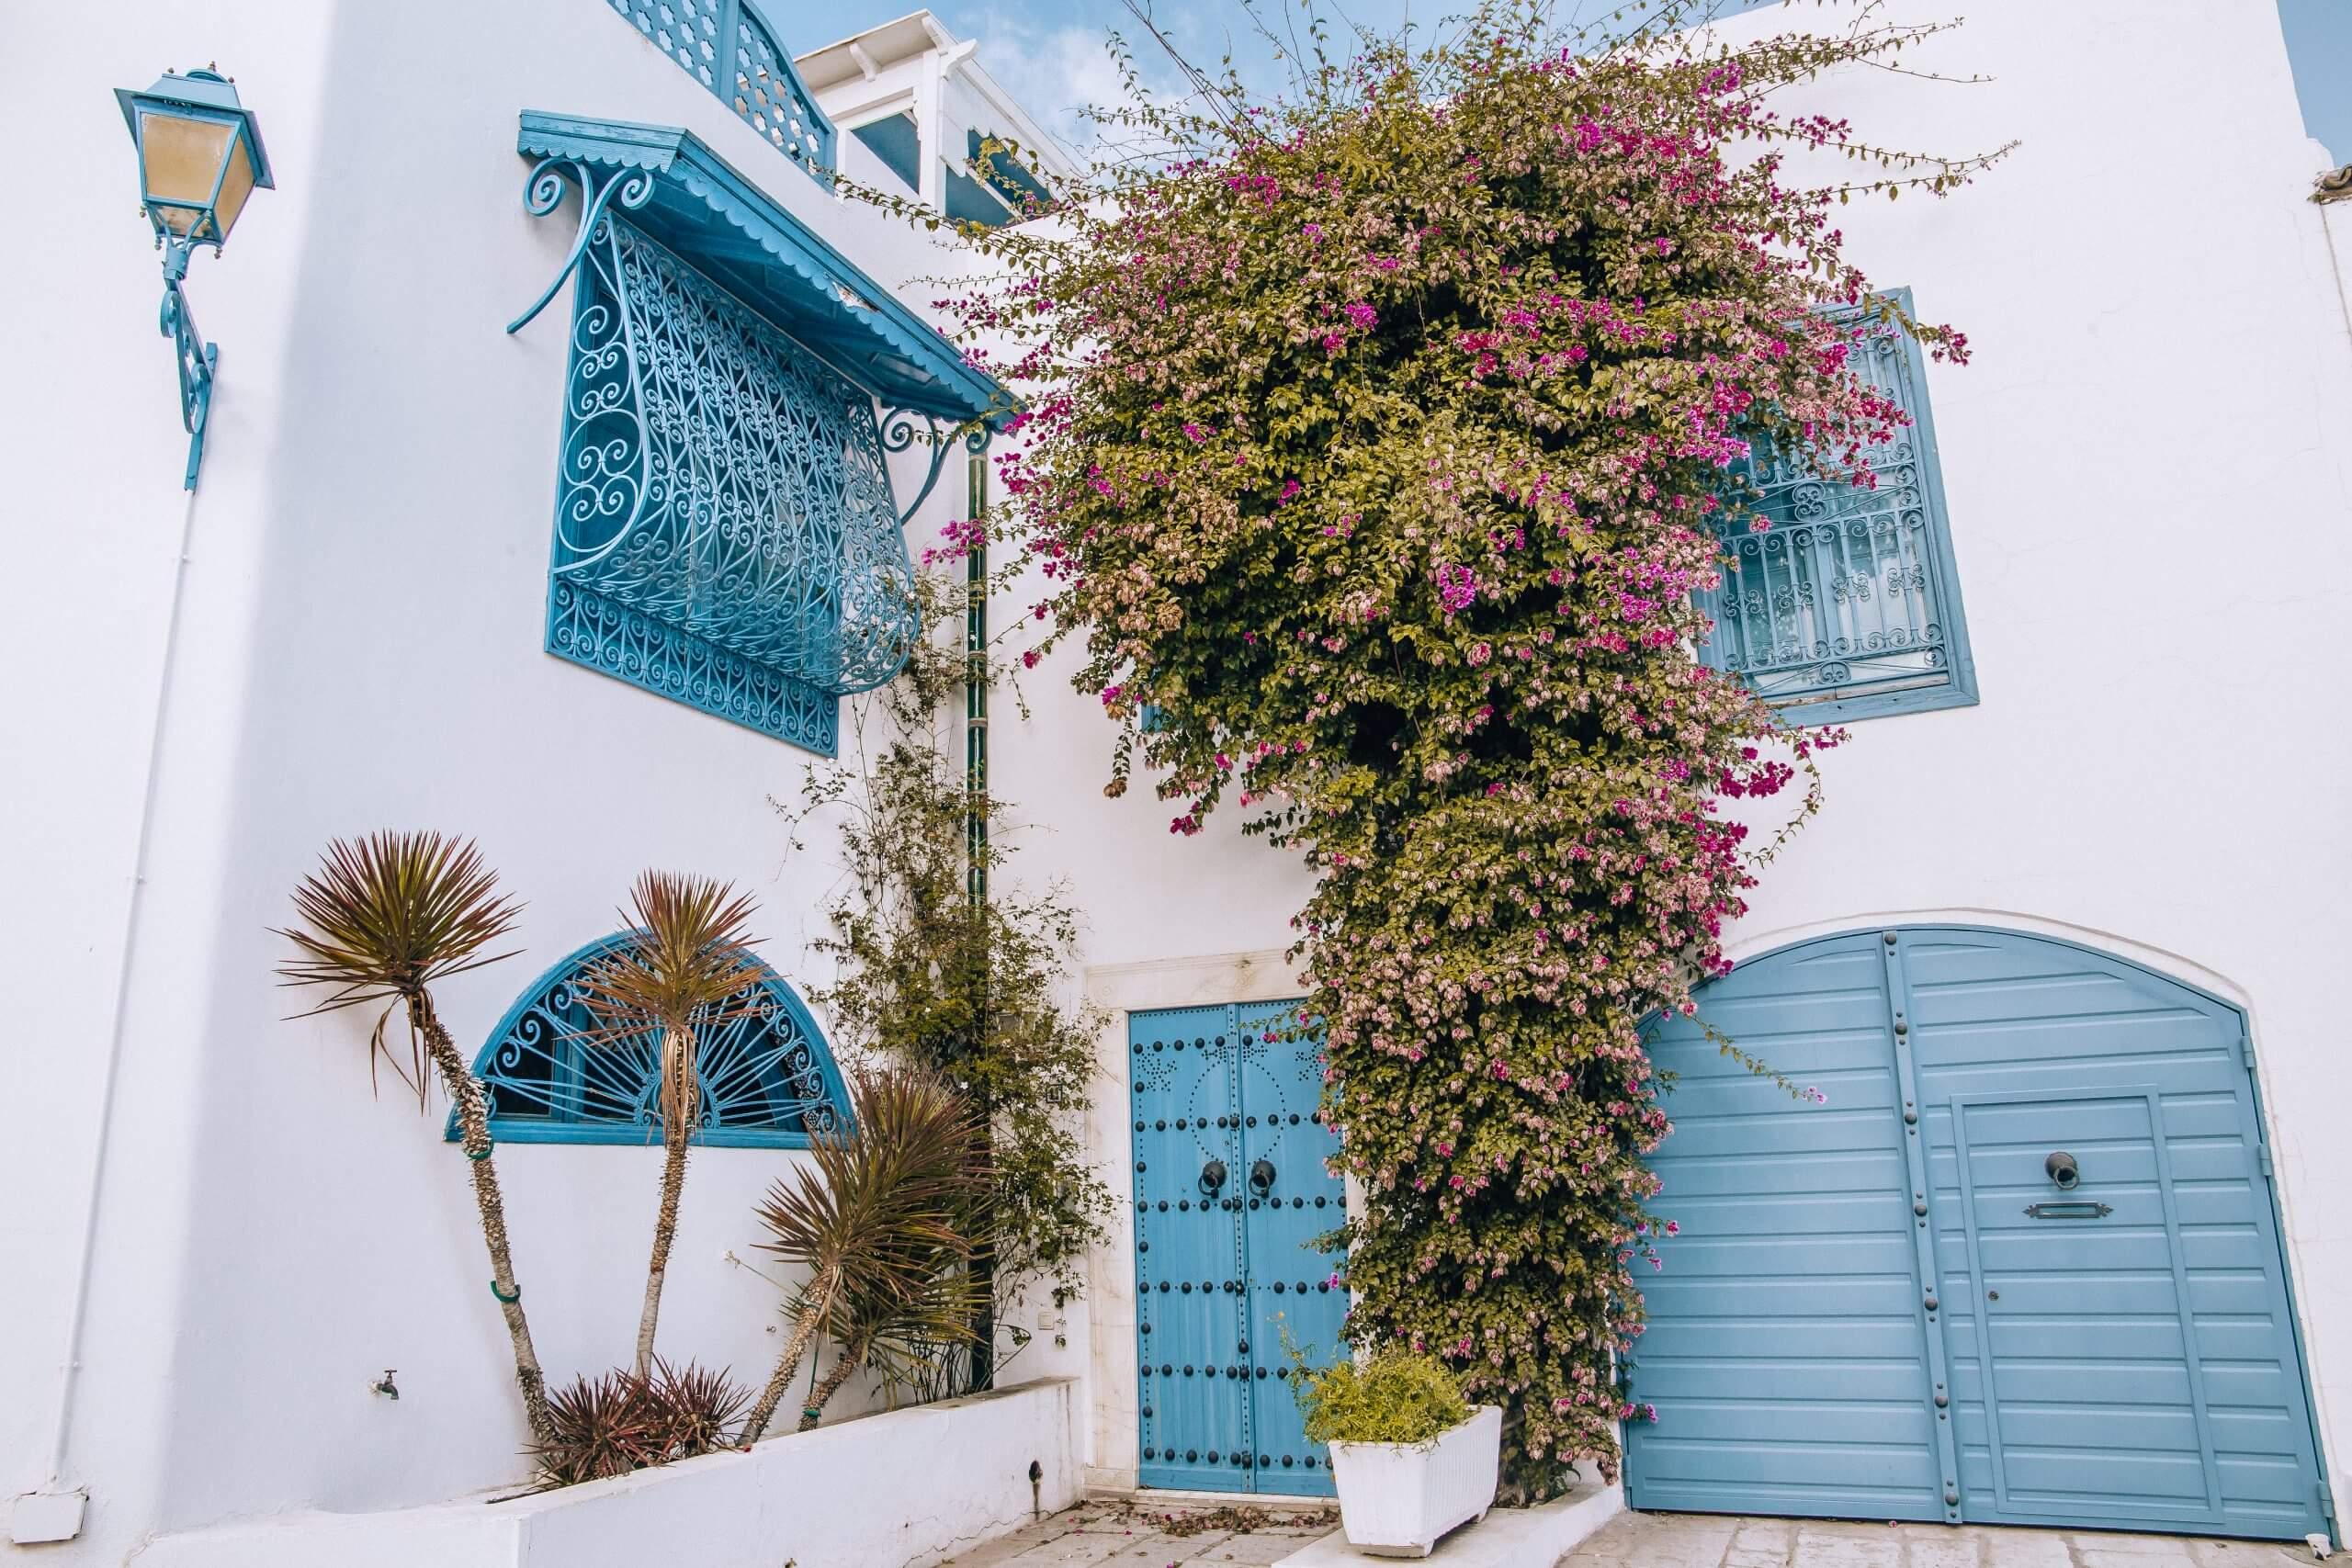 Haus in blau und weiß